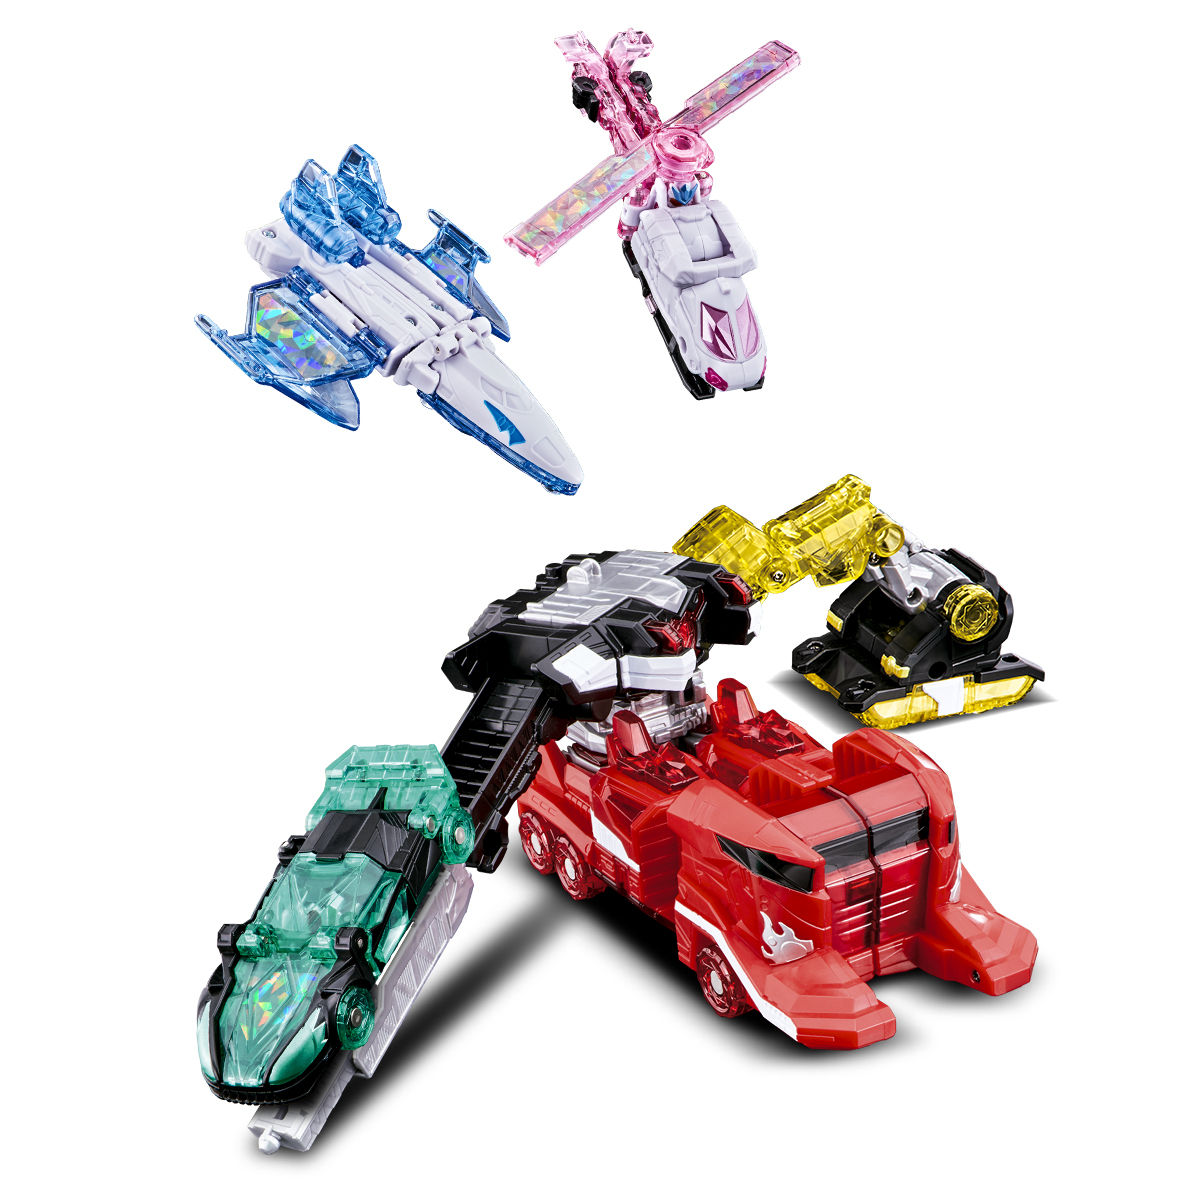 キラメイジャー ロボシリーズ01『魔進合体 DXキラメイジンセット』可変可動フィギュア-012